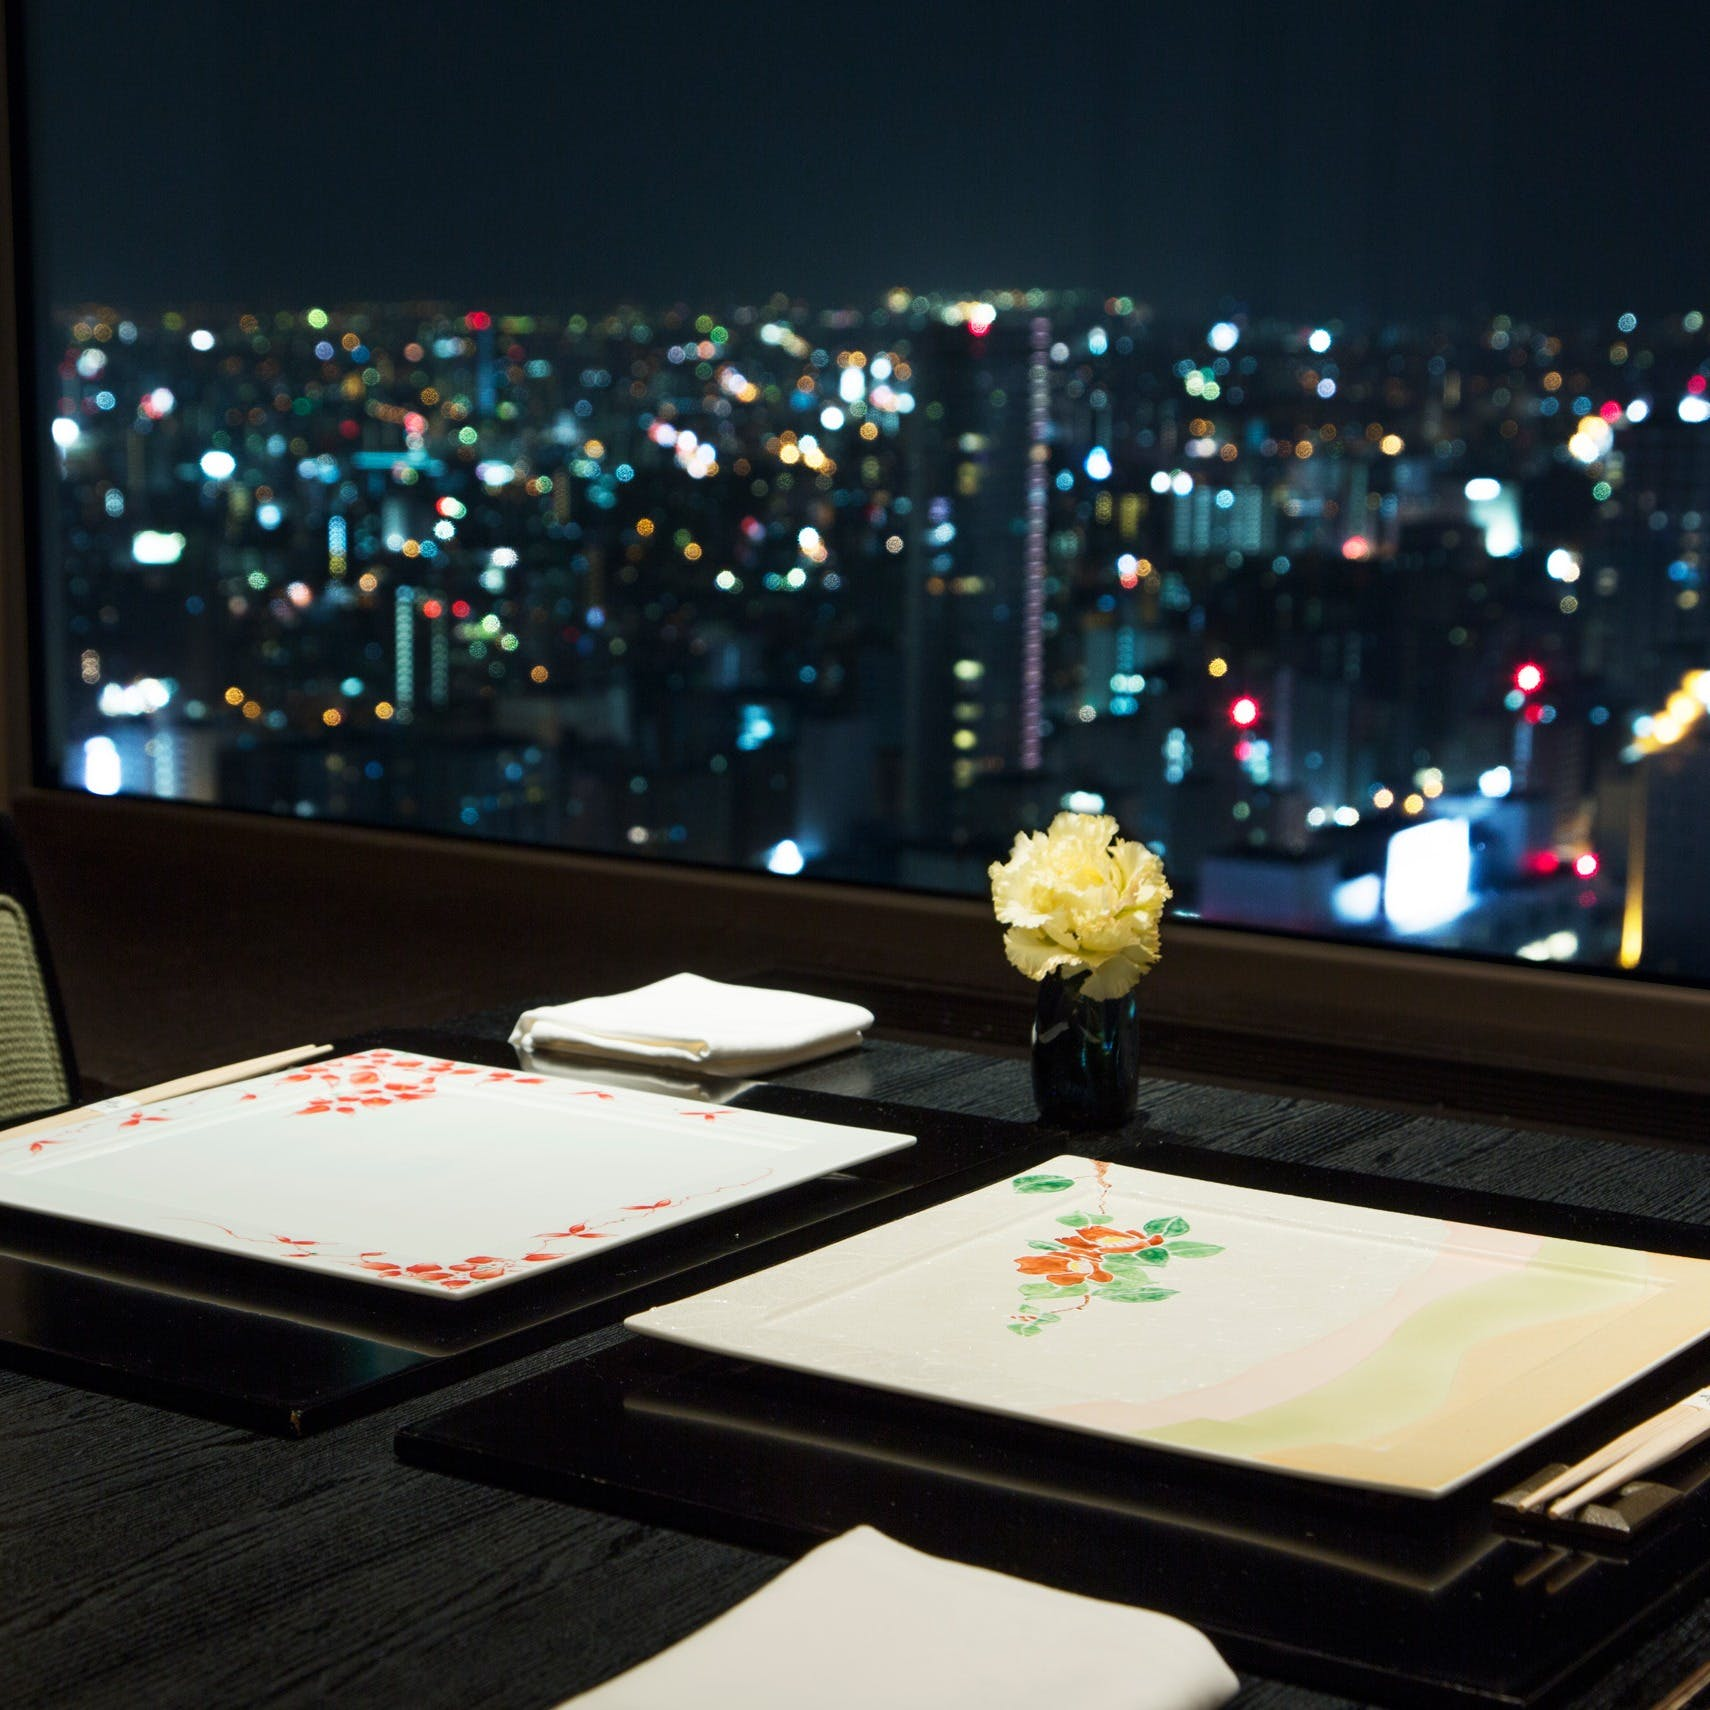 ホテルの日本料理店ならではの洗練と、心尽くしのホスピタリティ